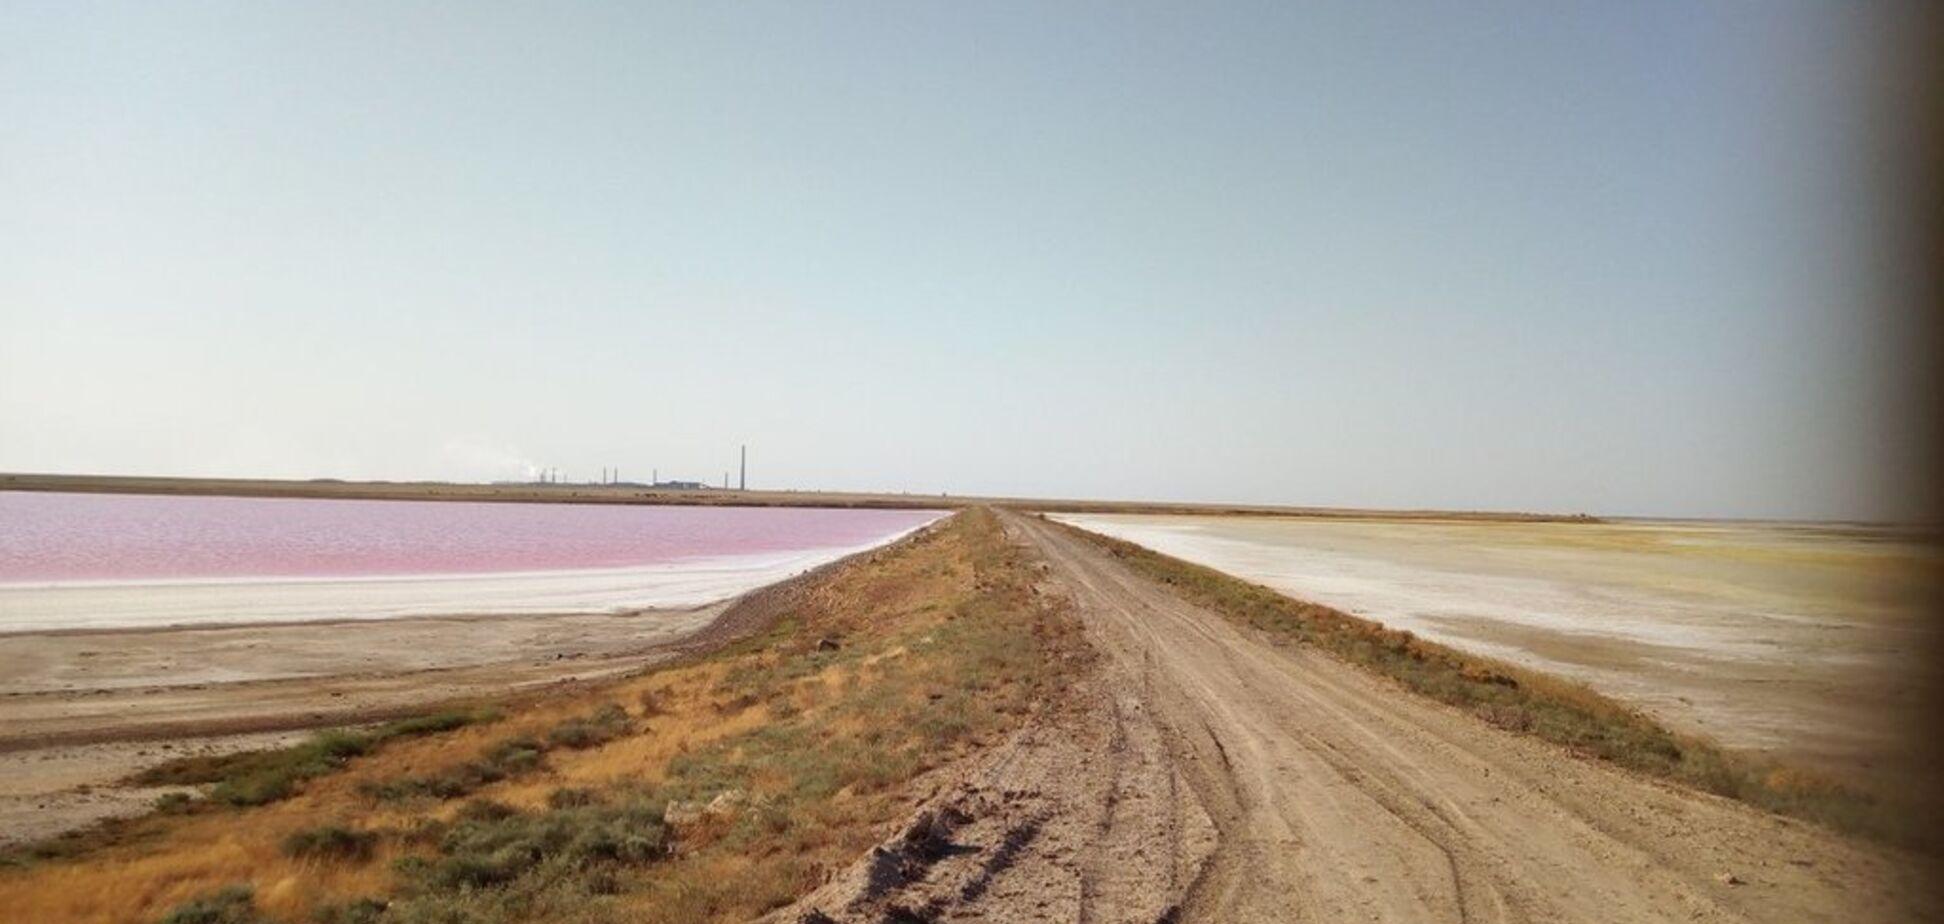 'Даже озеро стало алым': какое бедствие накрыло Крым и как люди спасаются от 'химатаки'